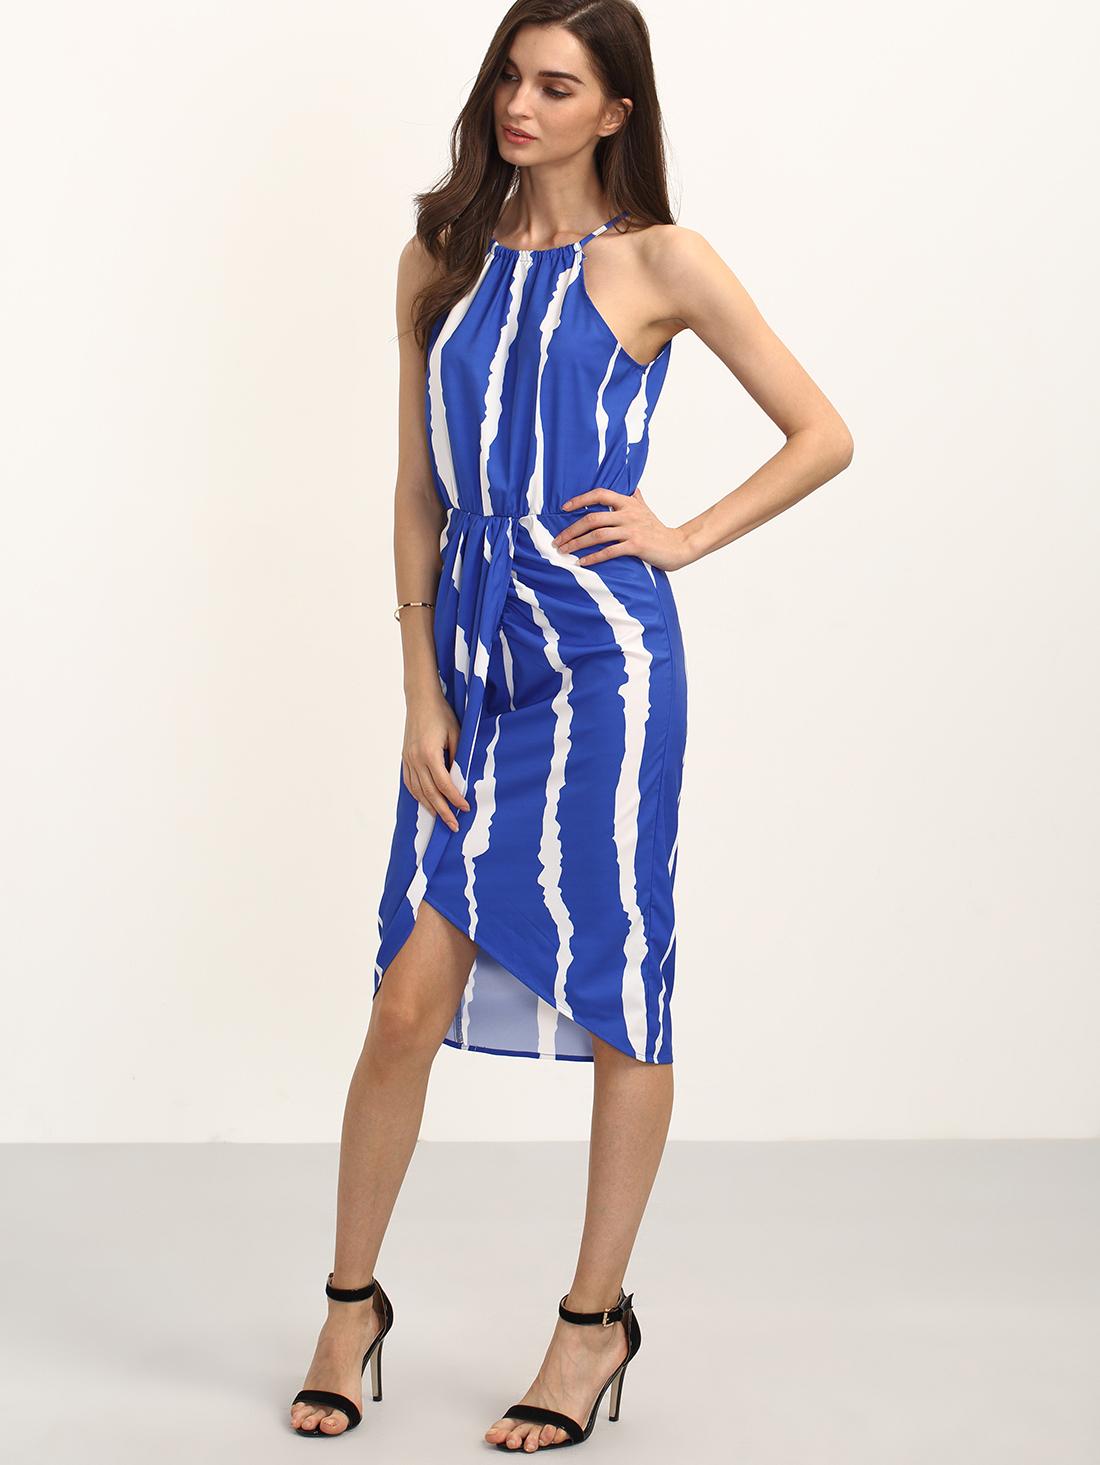 shein royal blue dress